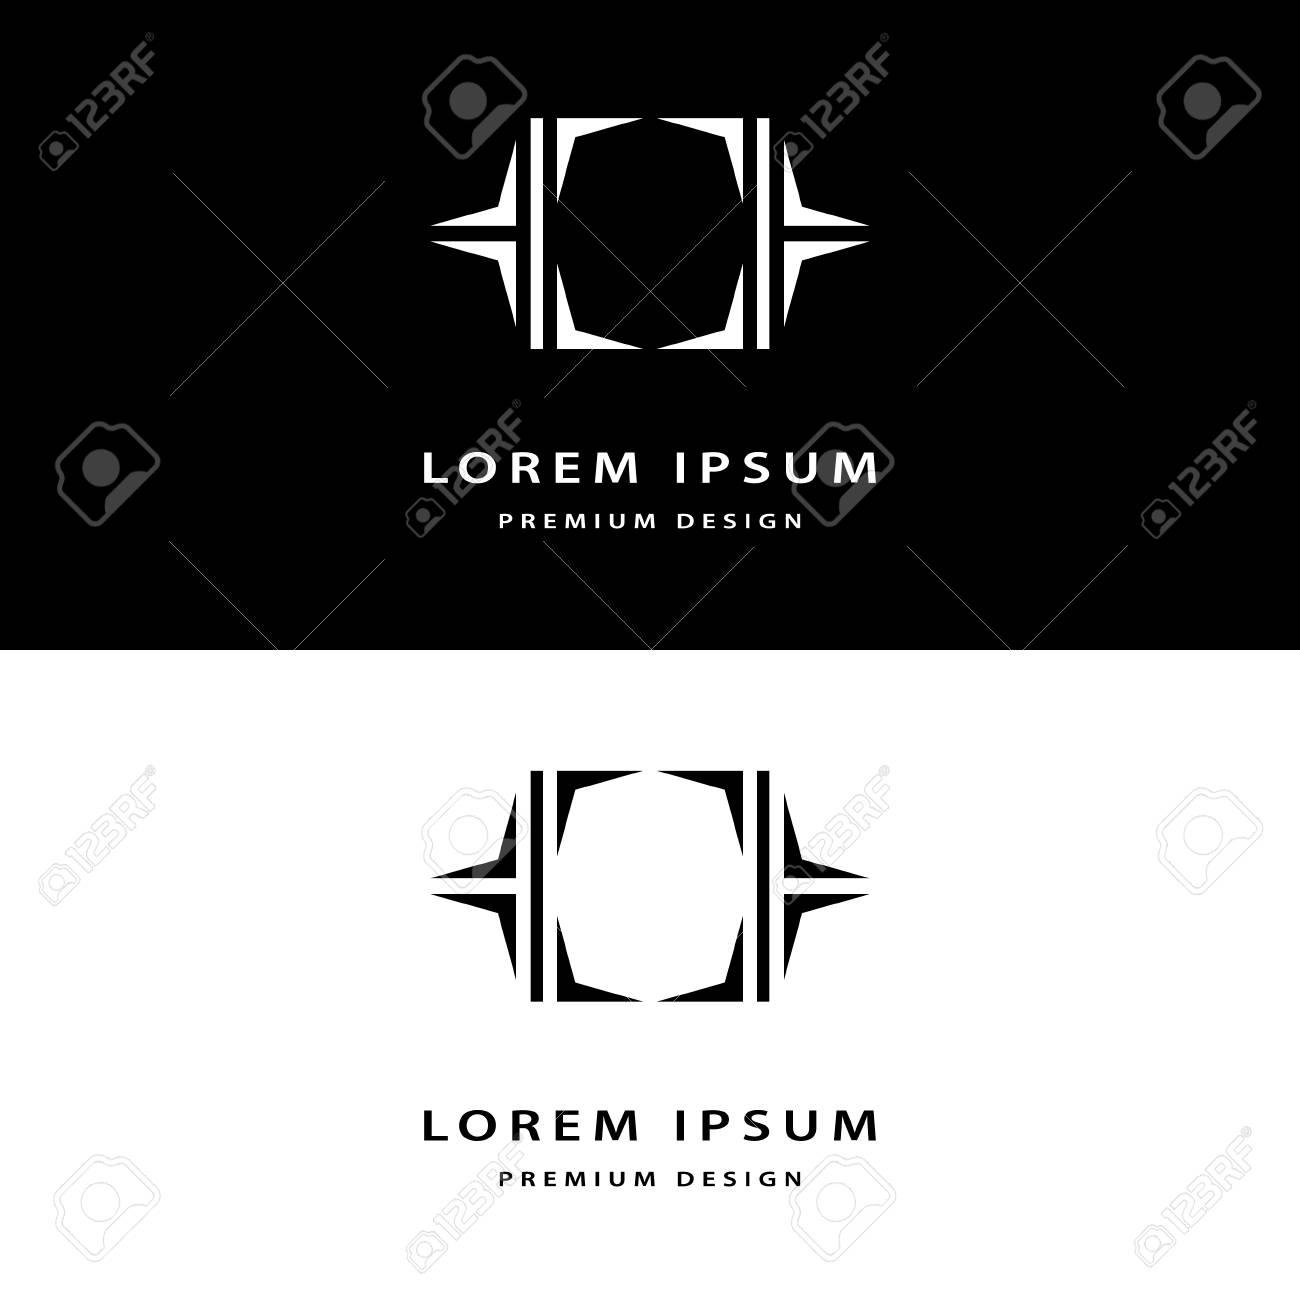 Elementos Creativos De Diseño Icono Monograma Con La Tarjeta De ...